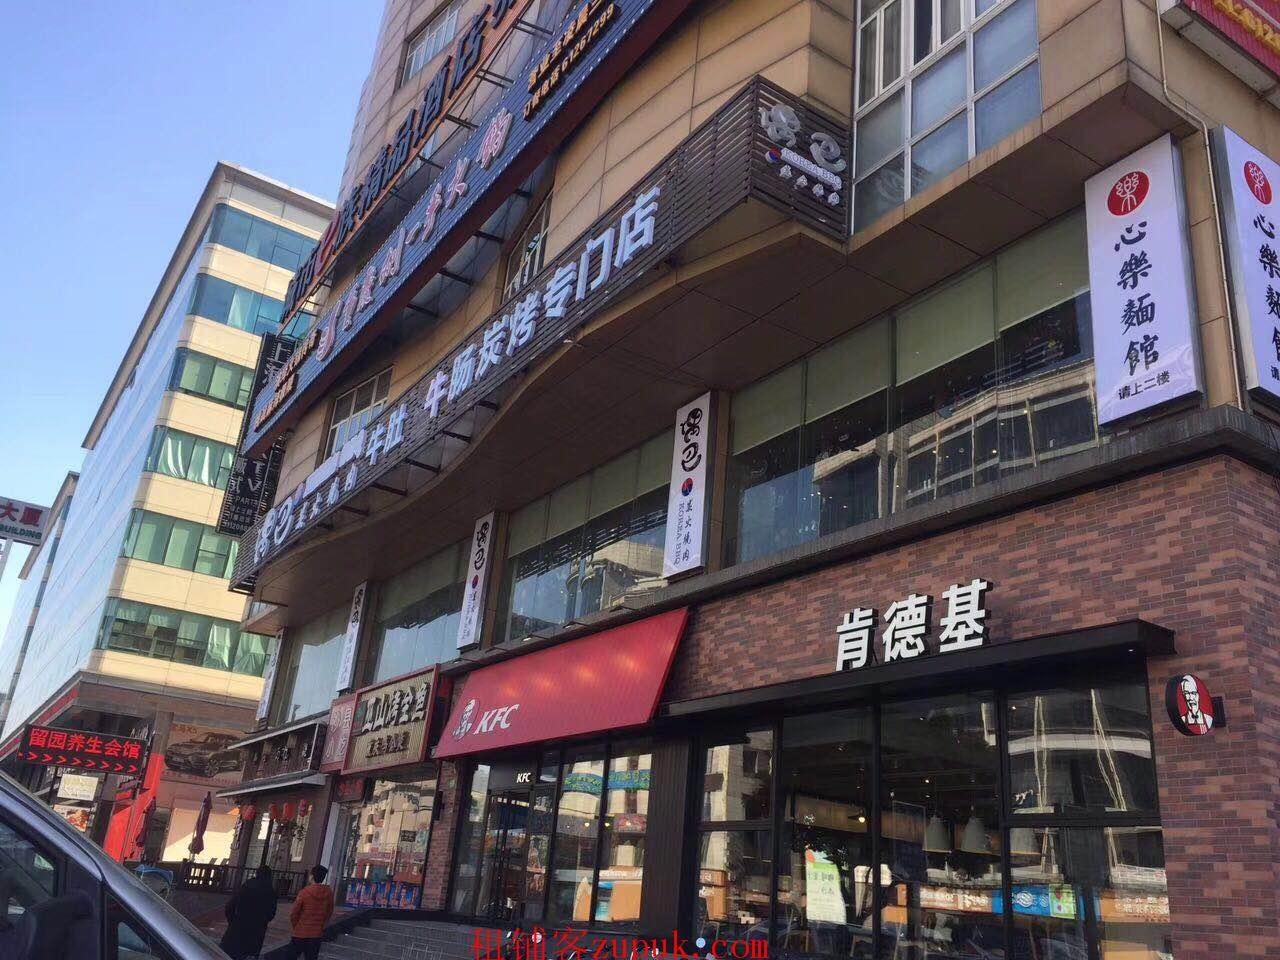 1号线延长路地铁站延长中路沿街旺铺客流量大